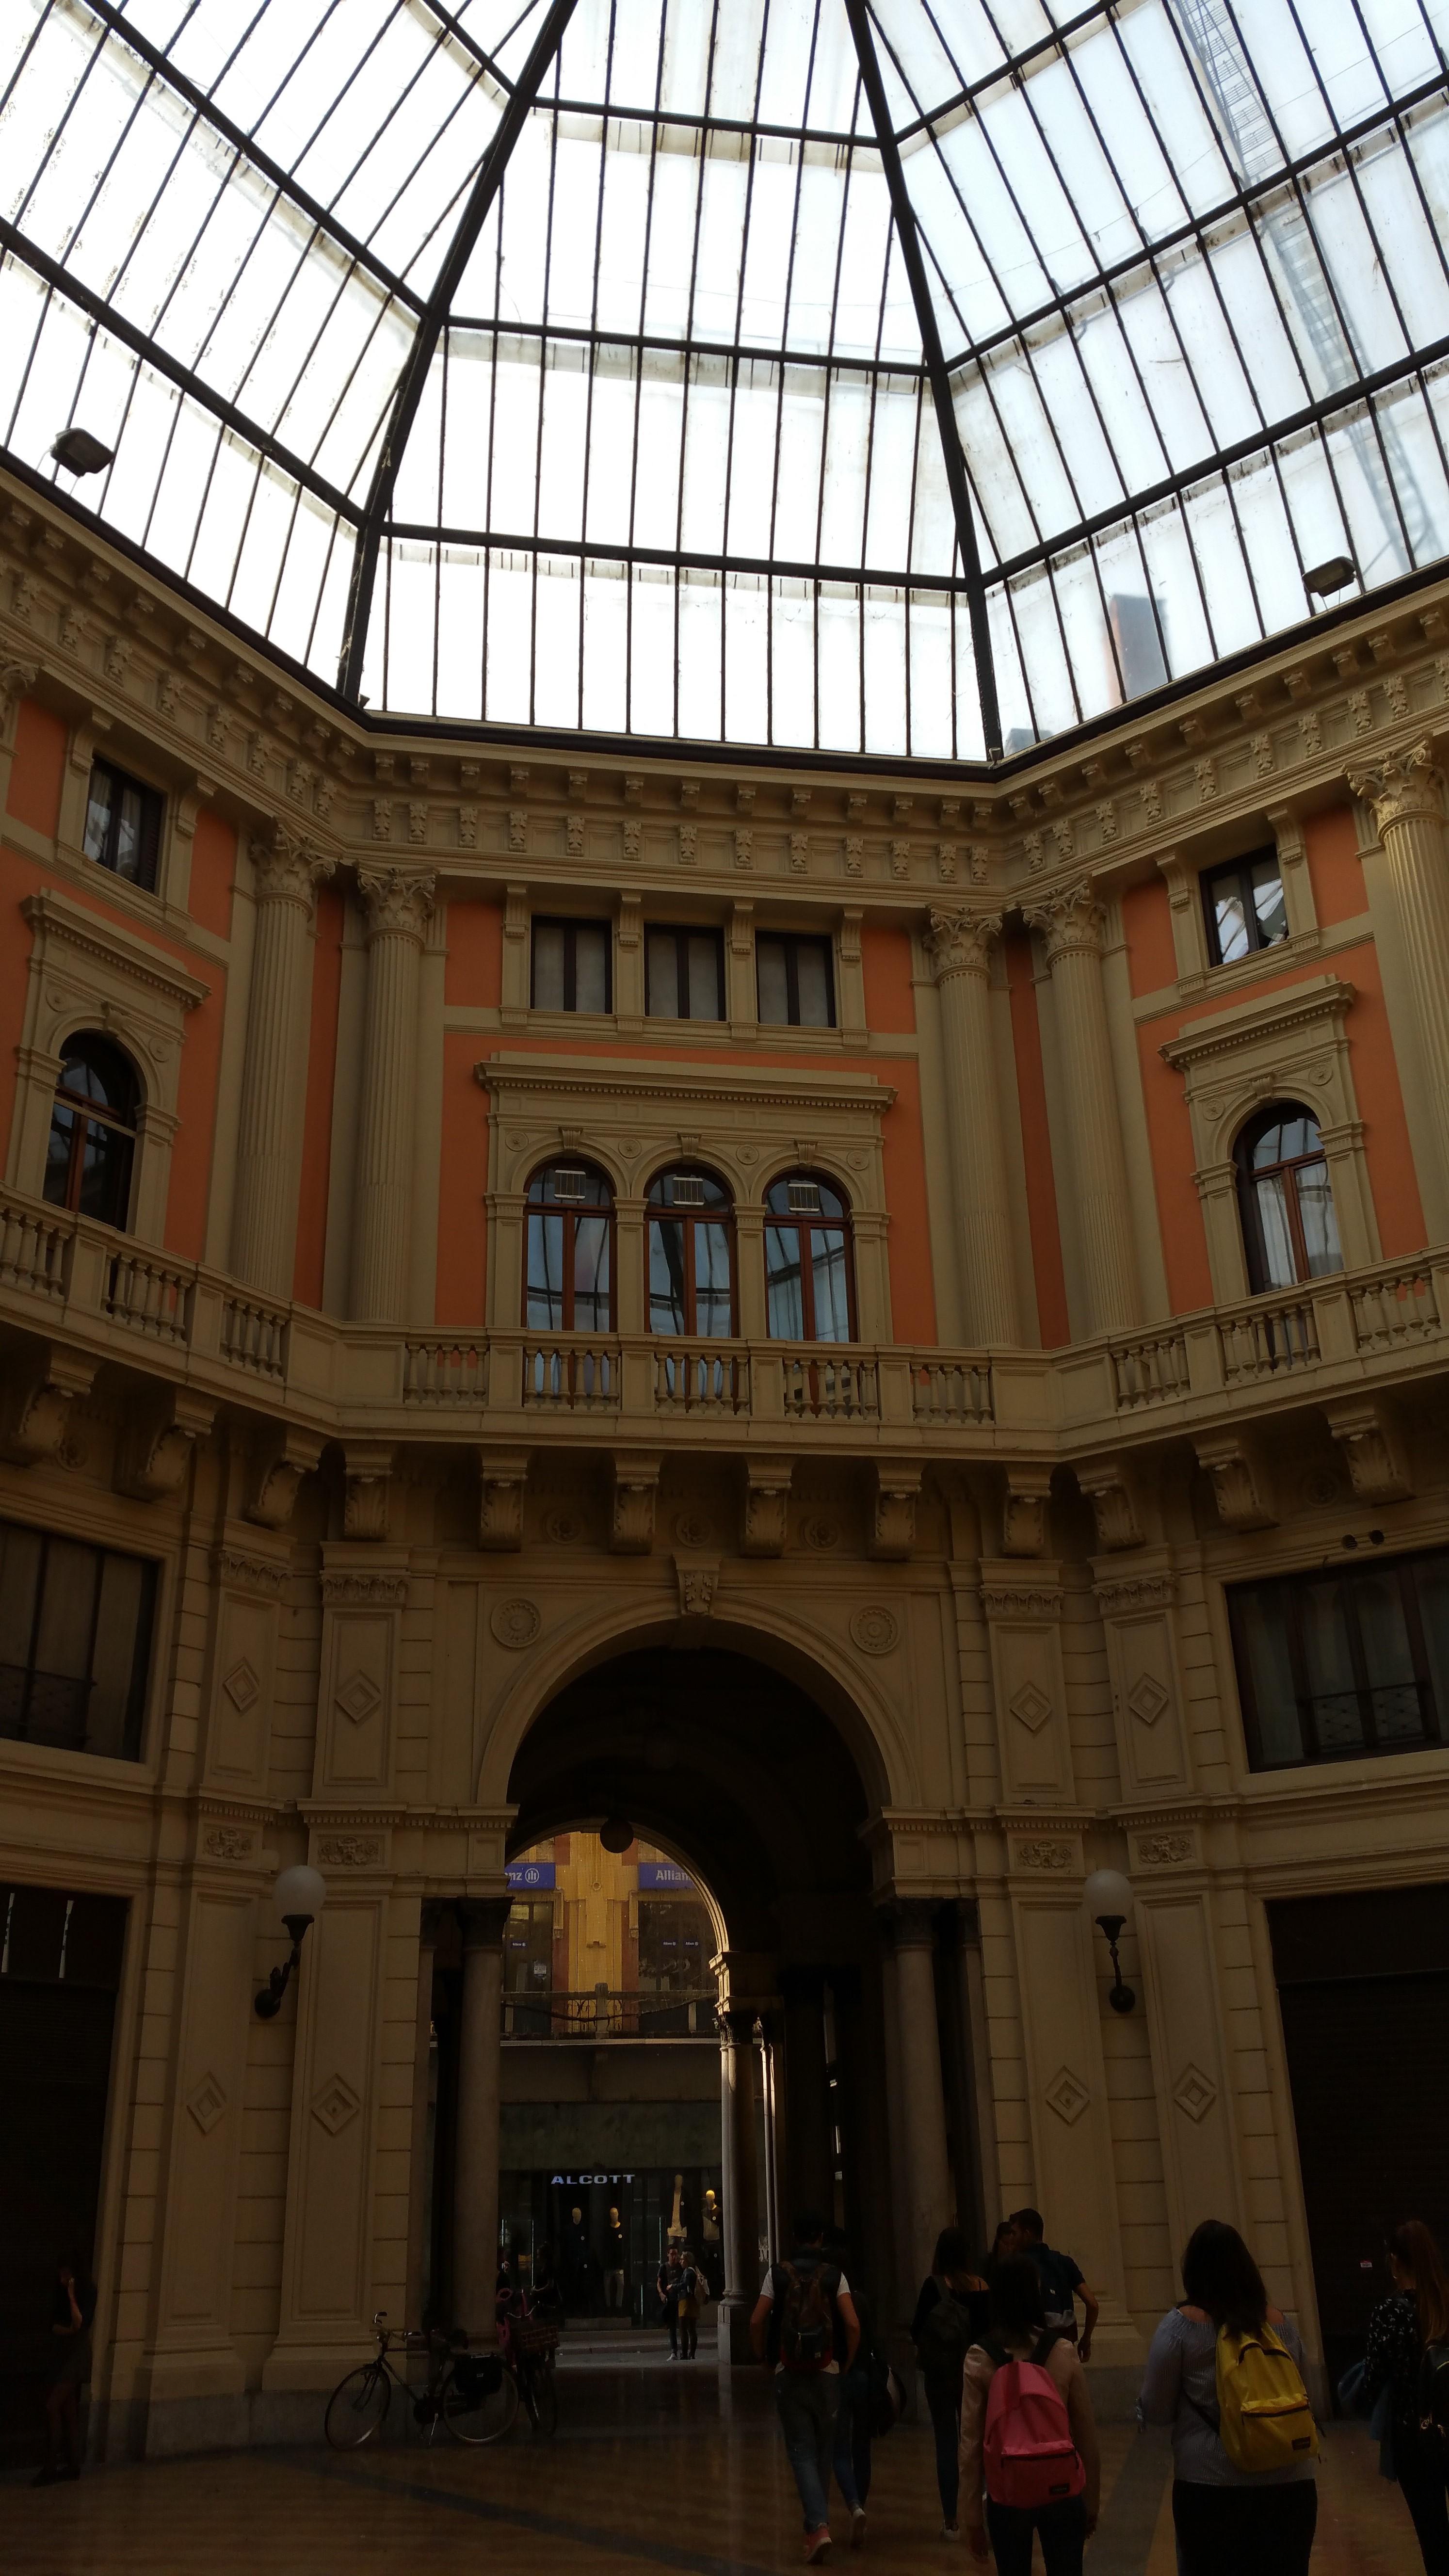 Piazza del Lino - egyetemi épület belső része